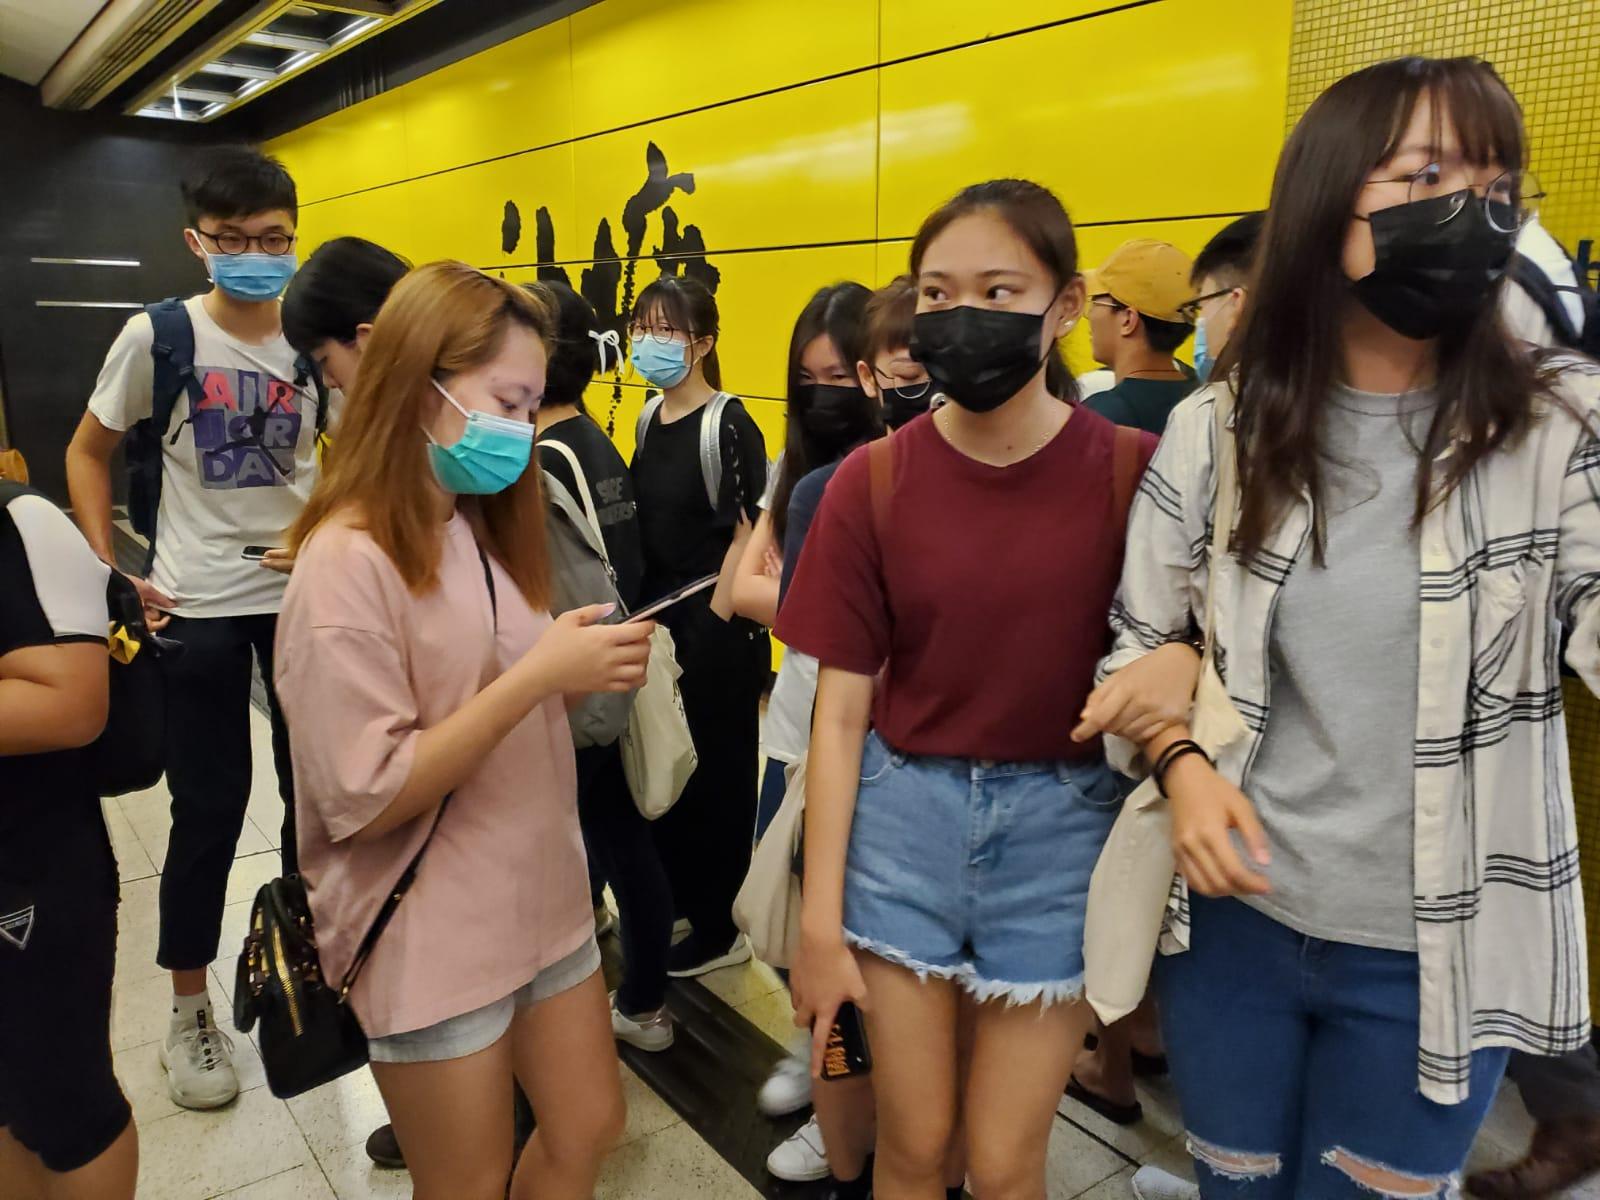 油塘站月台所見,在場有不少戴上口罩的年輕人。